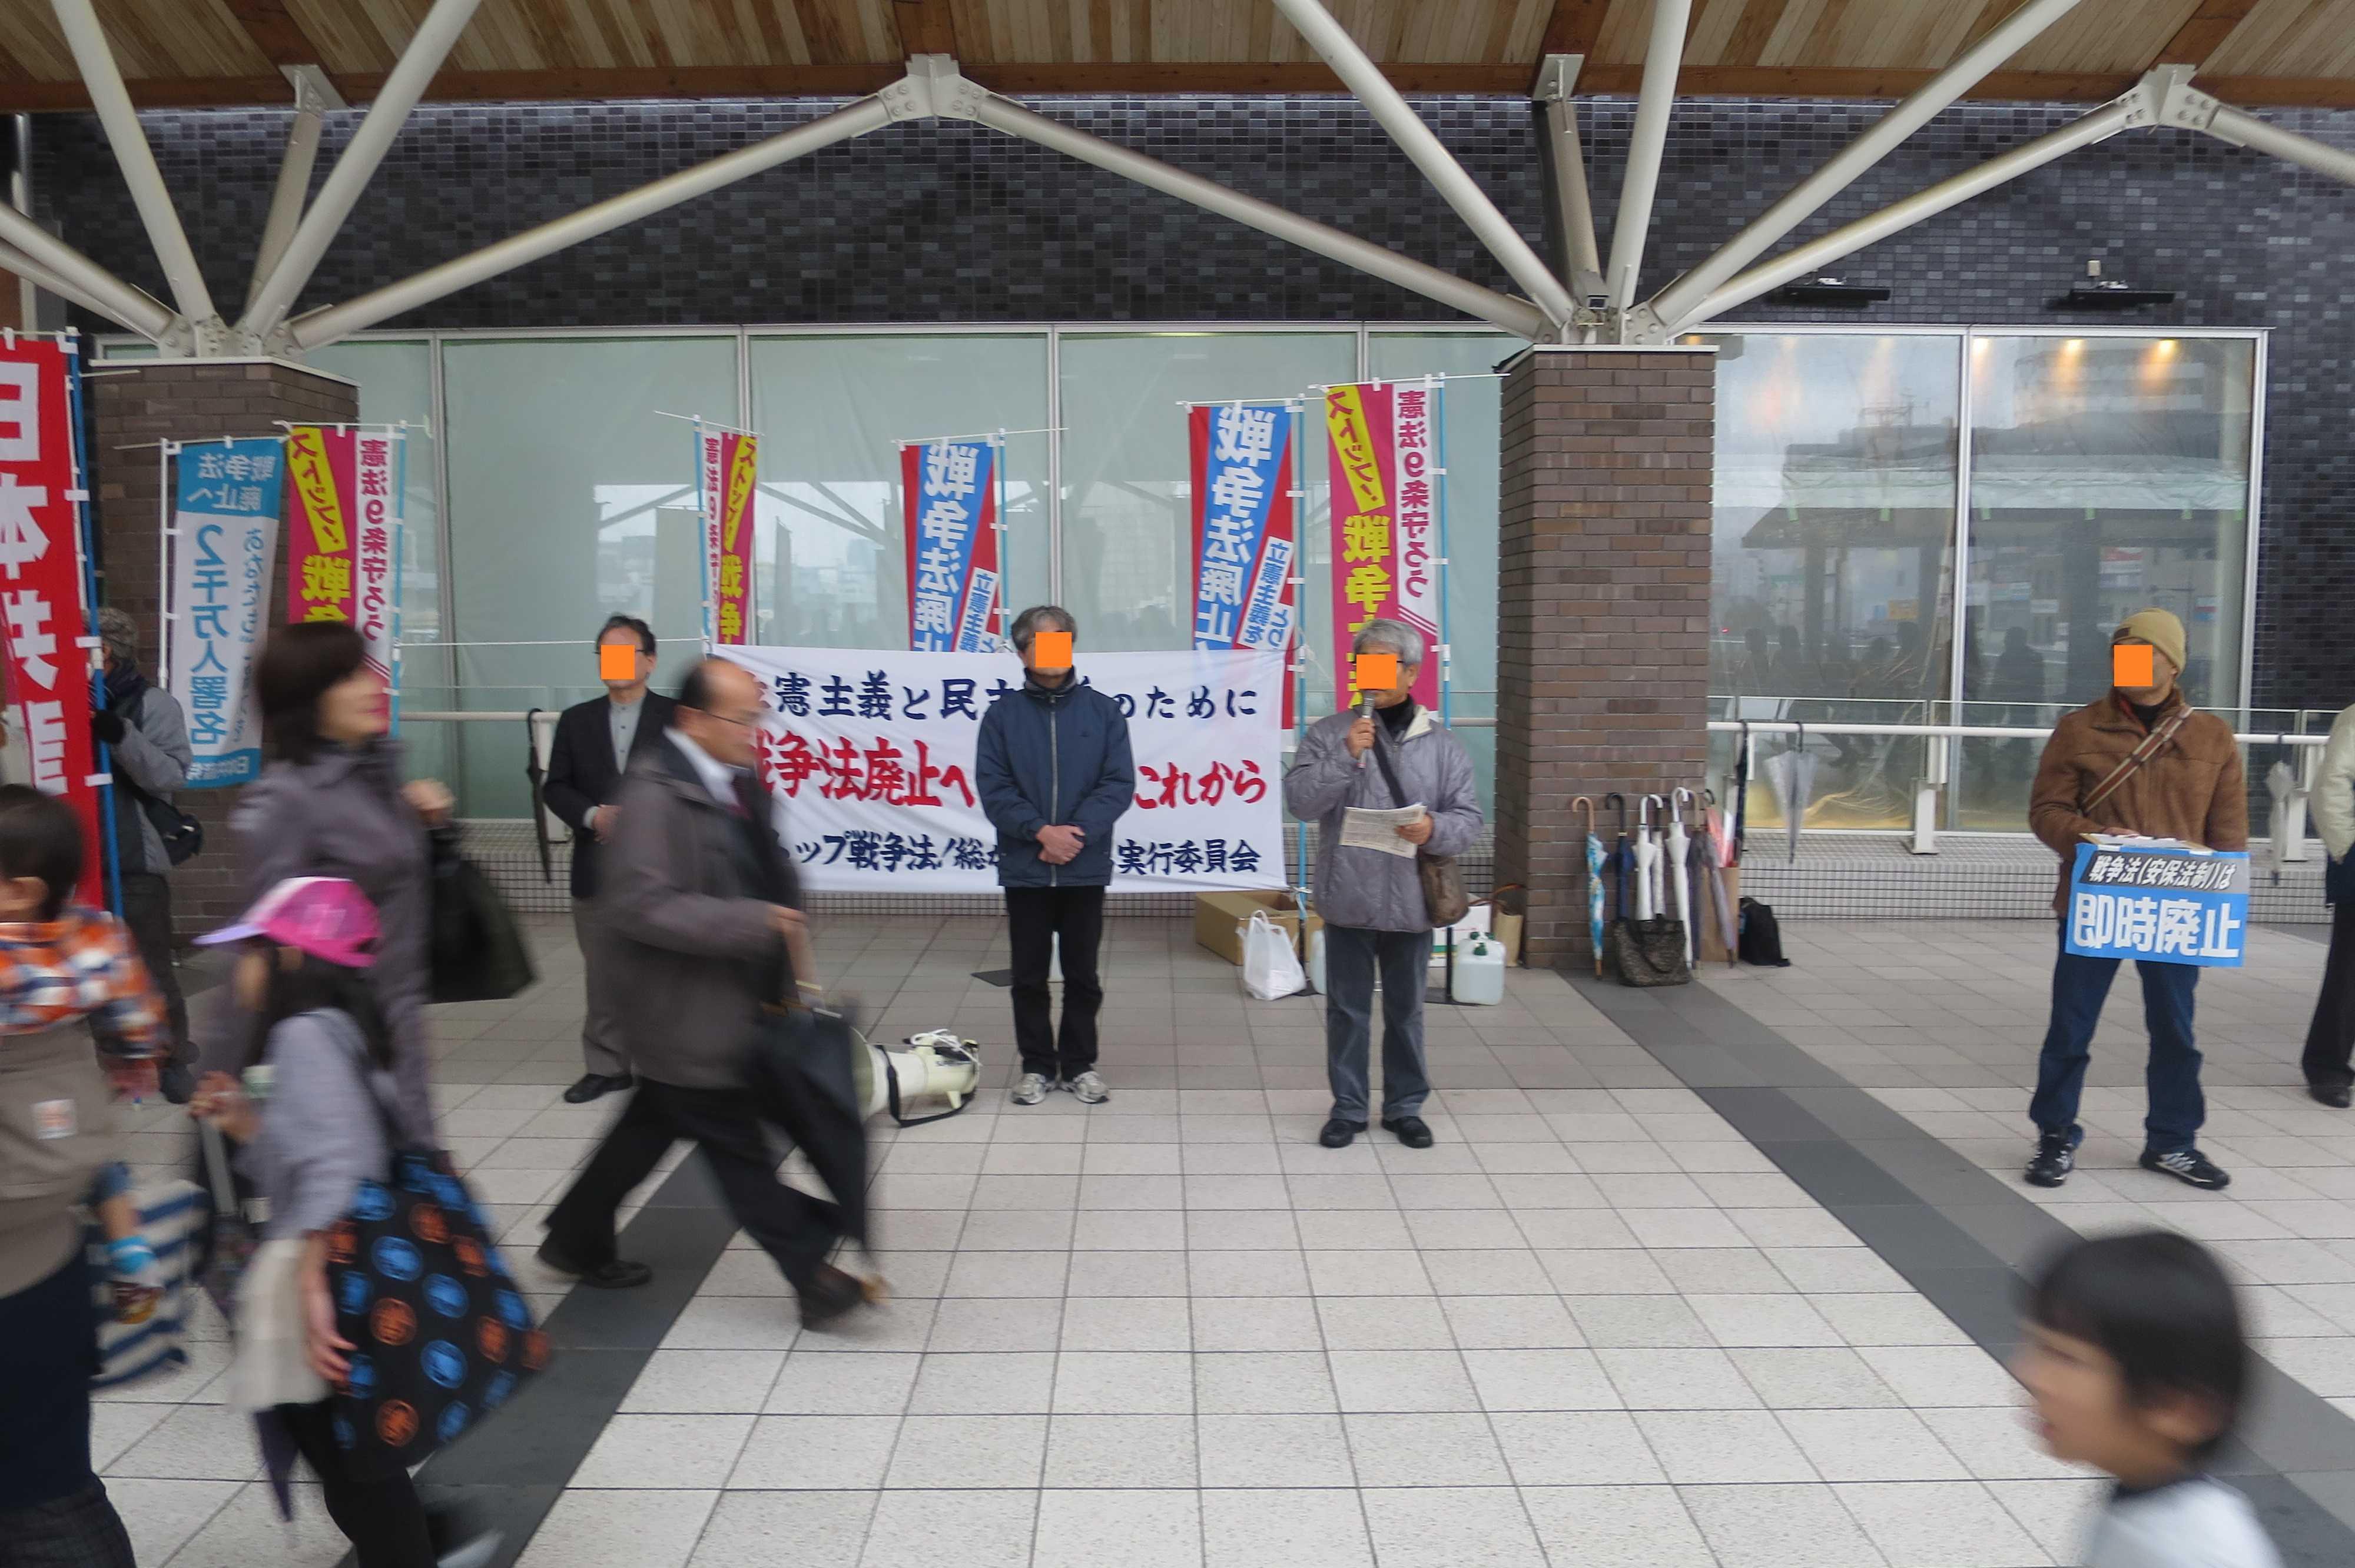 岡山駅前での戦争法廃止運動